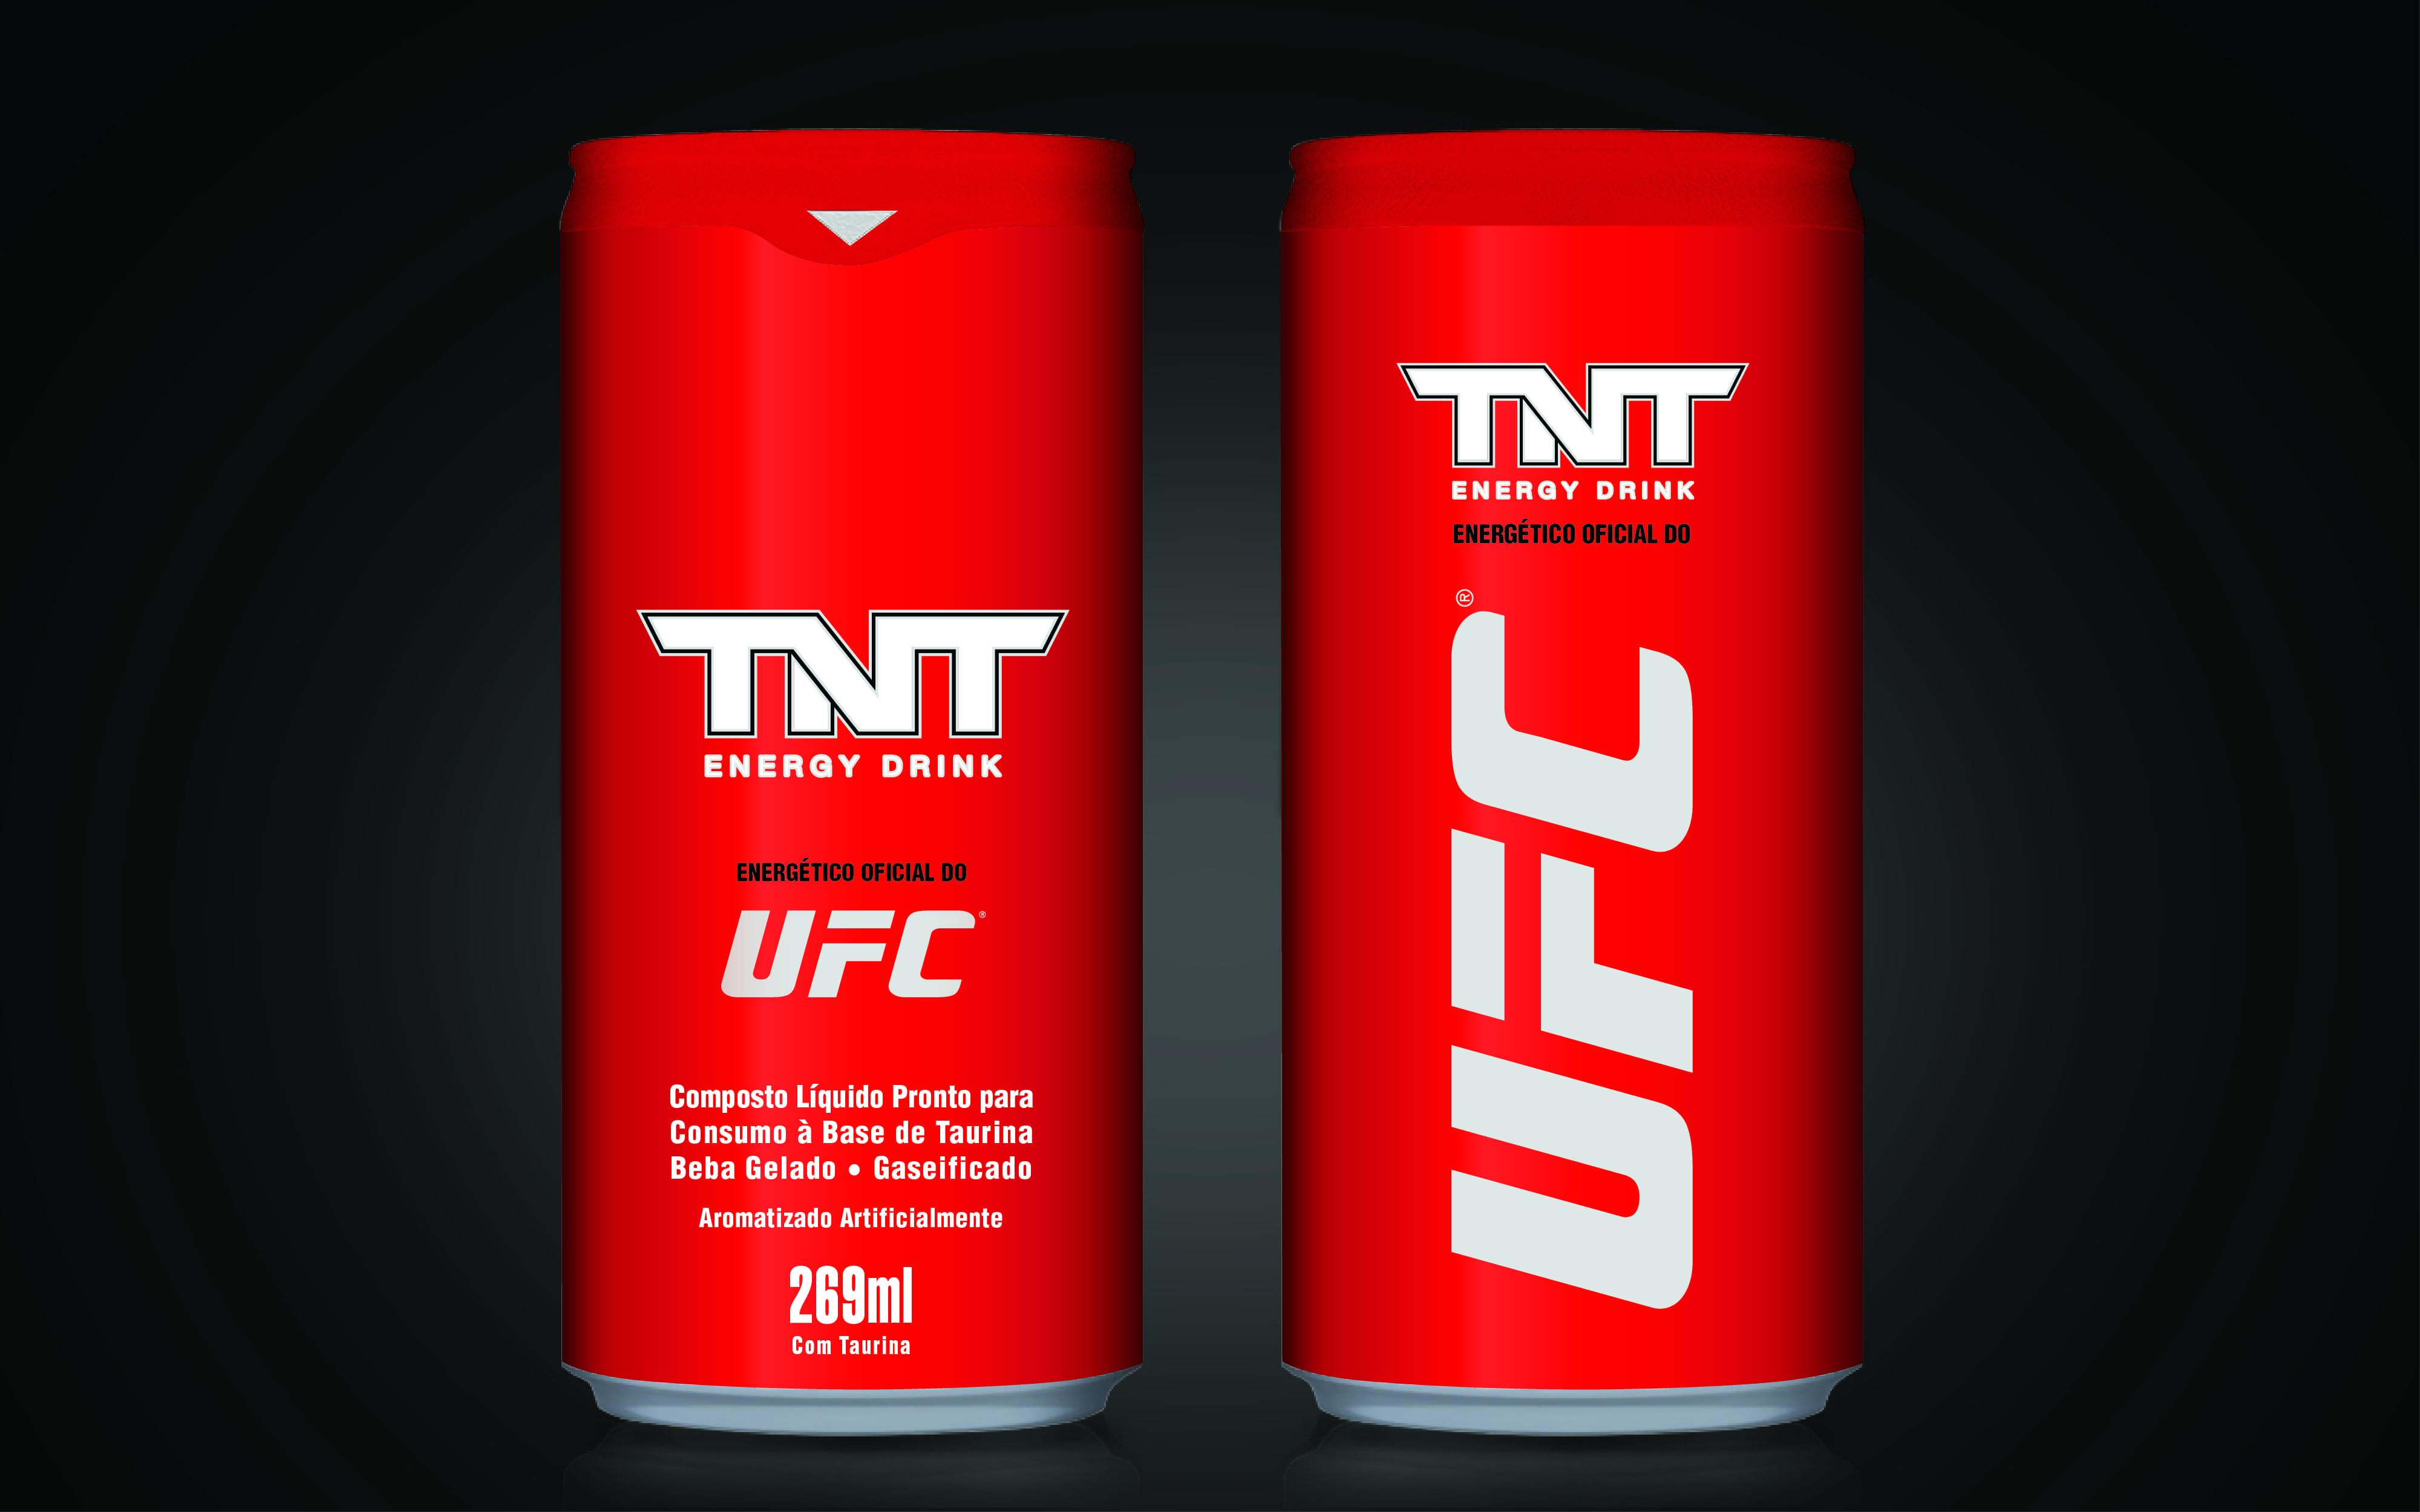 TNT-UFC